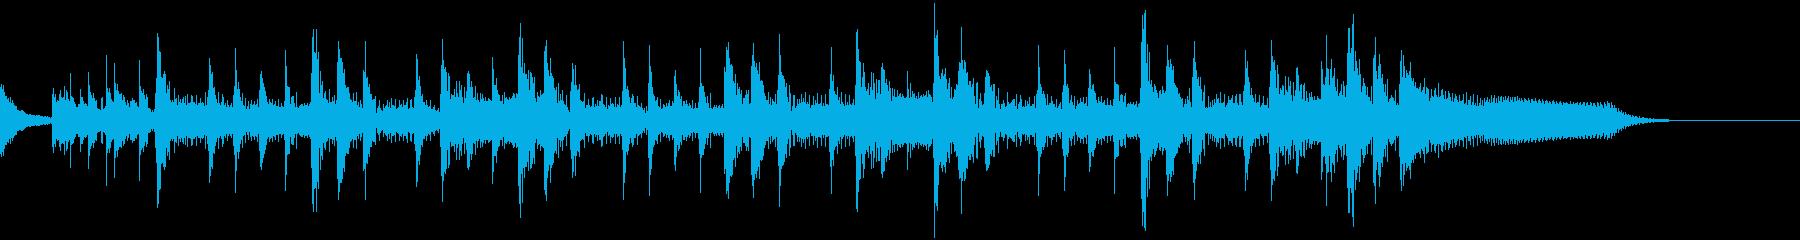 ランチェロリズム、ミディアムテンポ...の再生済みの波形